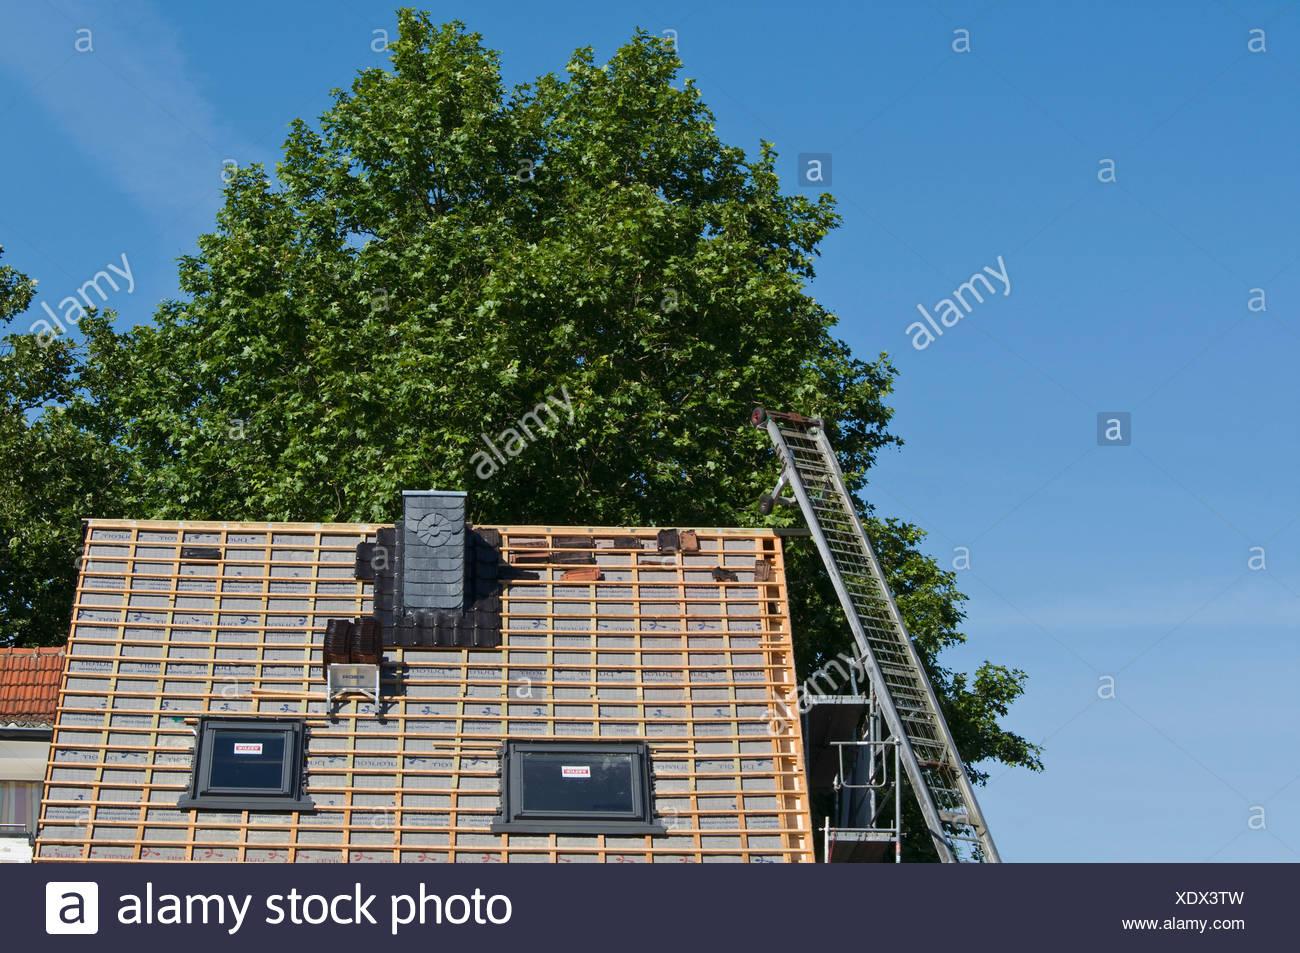 Toit exposé avec de nouveaux chevrons et un monte-charge, nouvelle construction du toit sur une maison, la modernisation, PublicGround Photo Stock